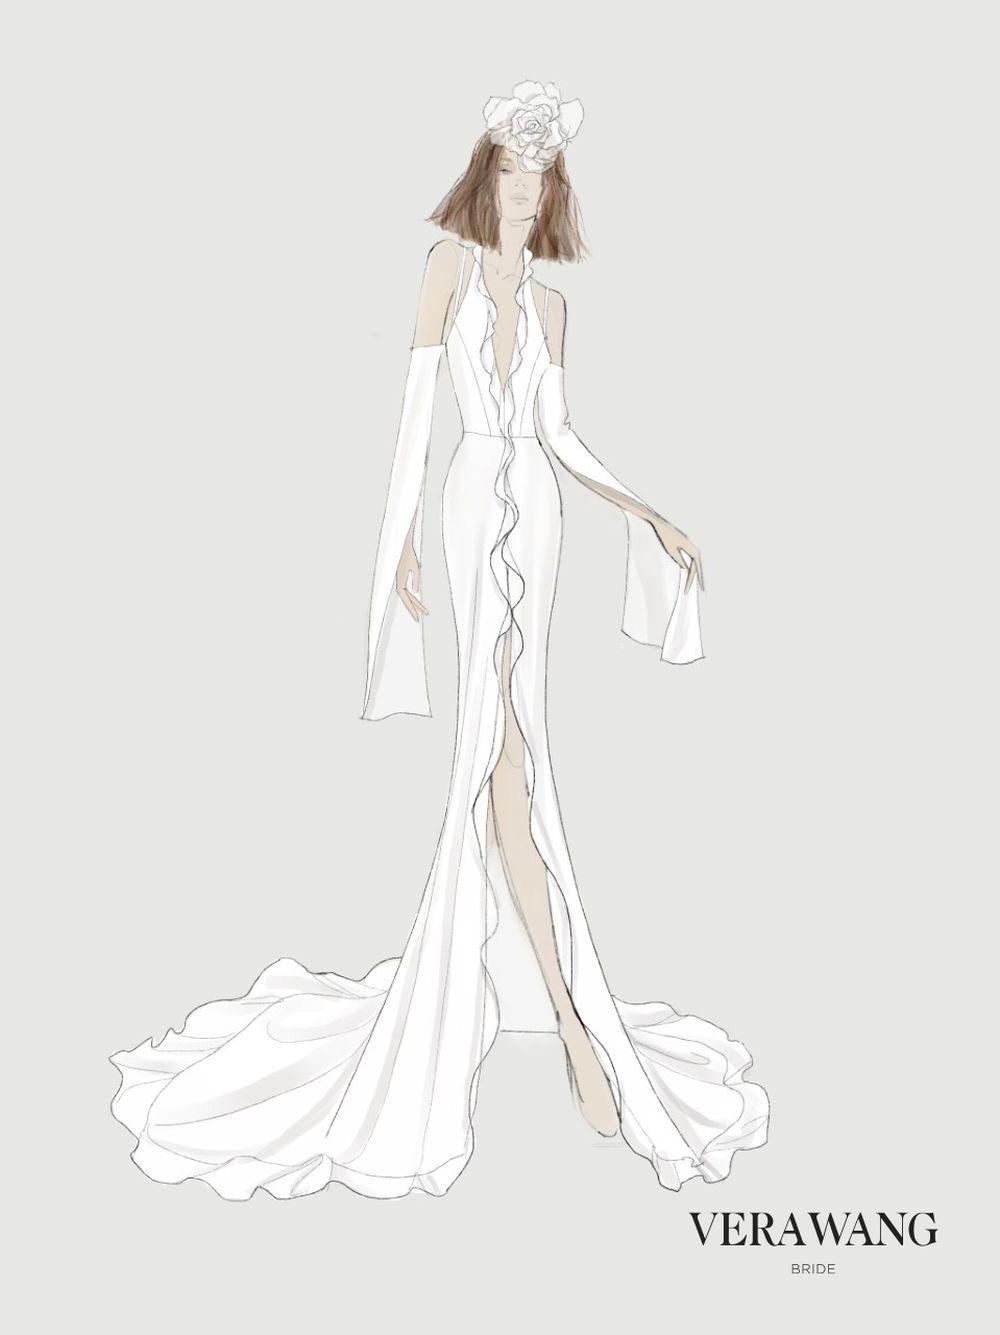 Boceto de uno de los diseños de la colección Vera Wang Bride.